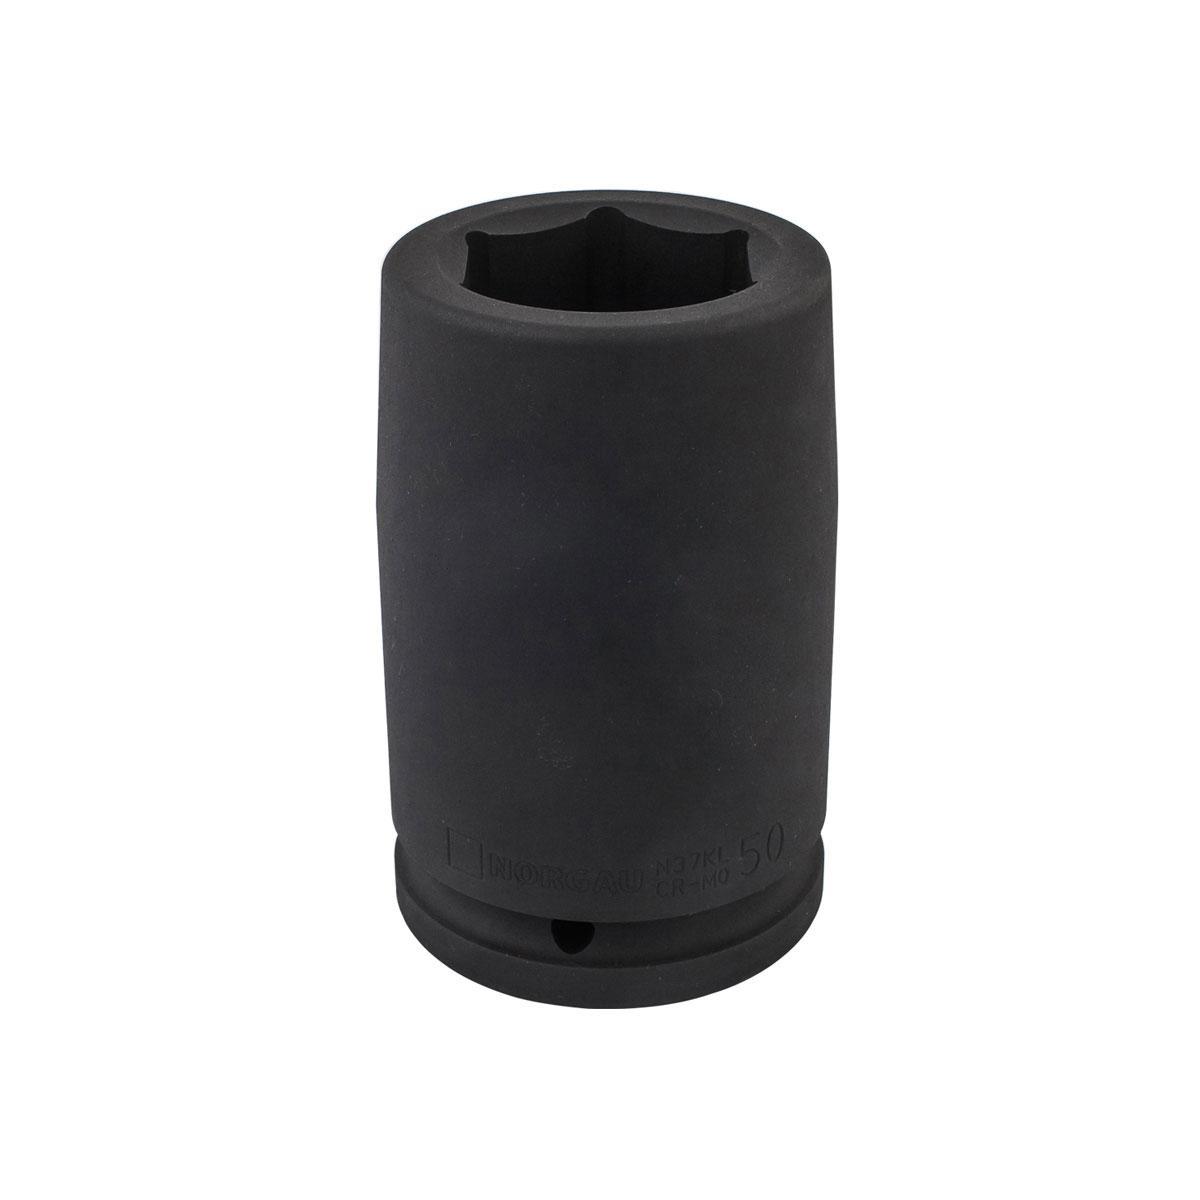 Головка ударная удлиненная Norgau размер 65мм, h 150мм, s 1 1/2'' (064085065)